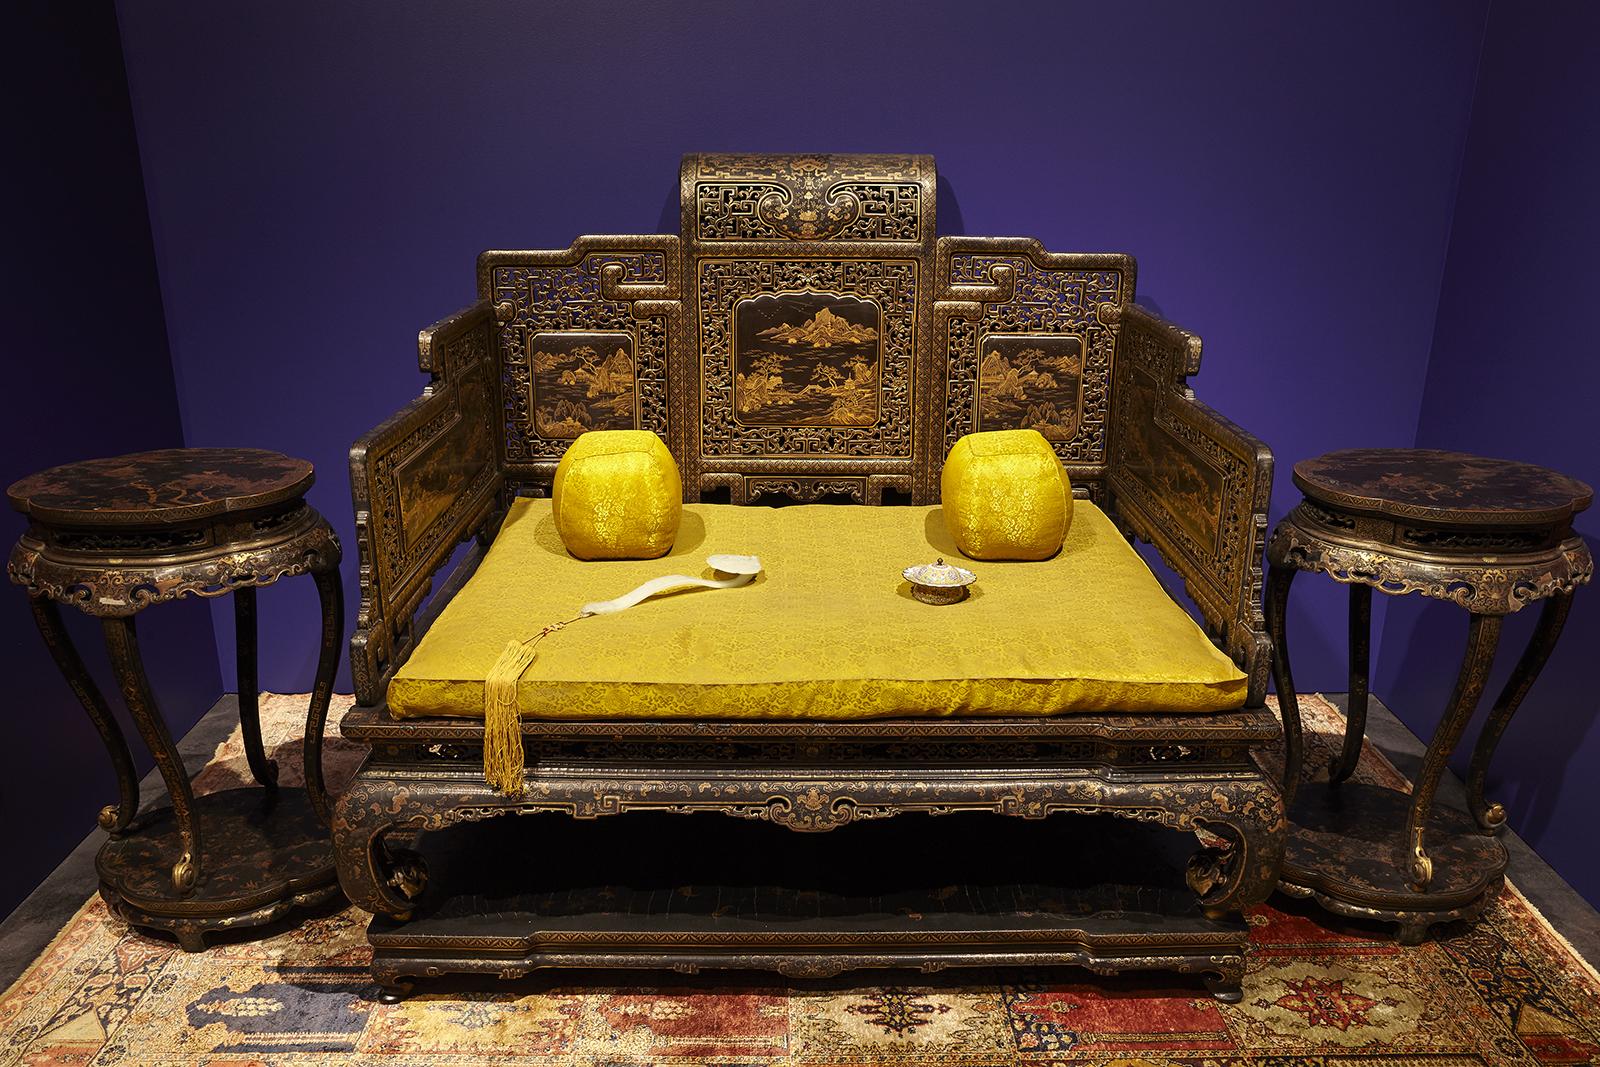 Θρόνος και τραπέζια για τη τοποθέτηση θυμιατηρίων από το δωμάτιο μελέτης του Qianlong στο Παλάτι του Πολλαπλού Μεγαλείου Δυναστεία Qing, Βασιλεία Qianlong (1735 – 1796)